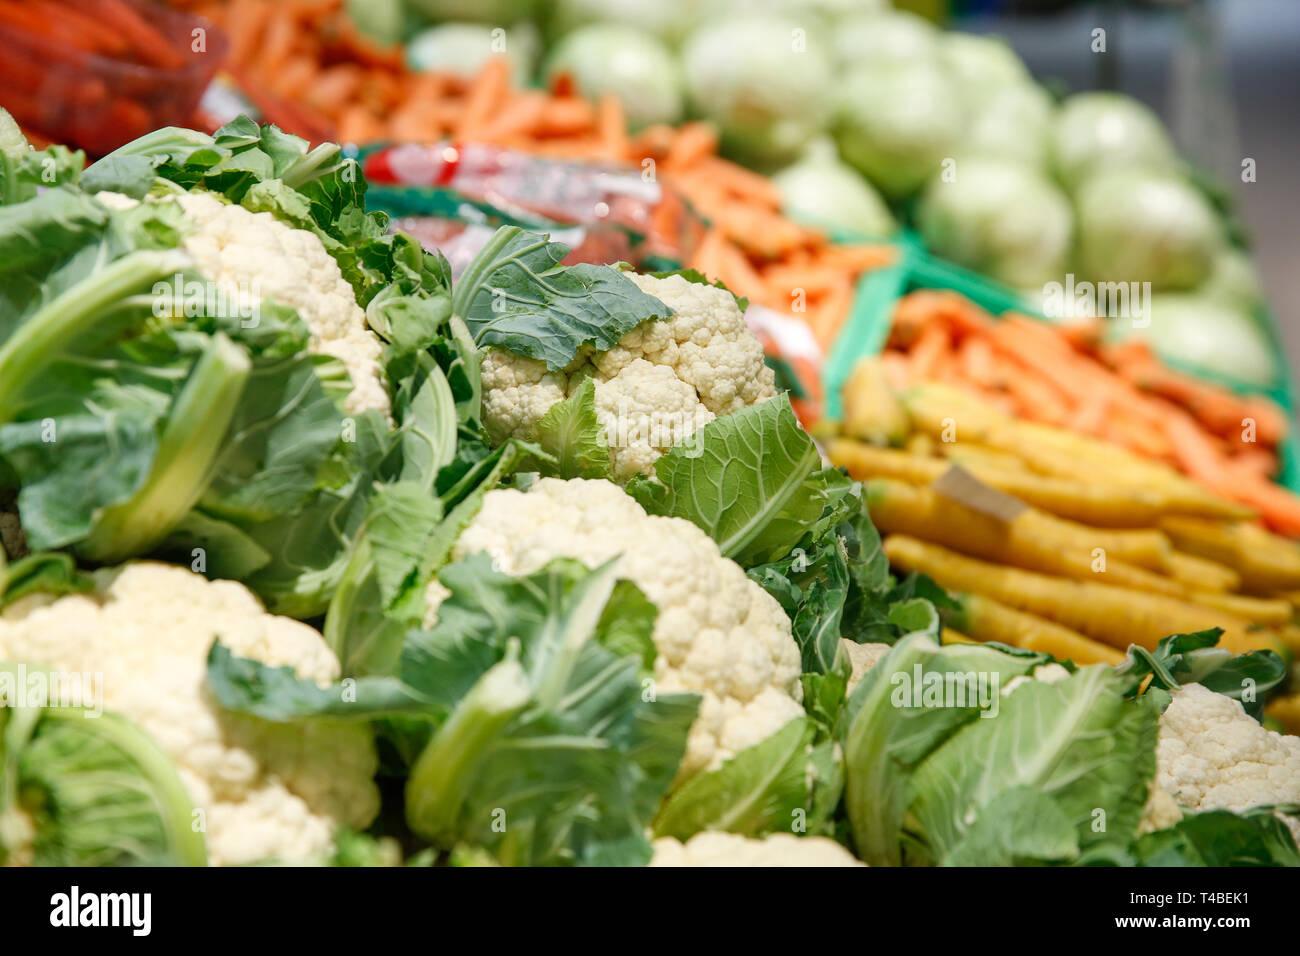 Ausgepackt, frisches Gemüse in einer Self-service-Supermarkt. Zero-waste-Bewegung und Philosophie, nachhaltigen Handel und Bioladen Konzept. Stockbild